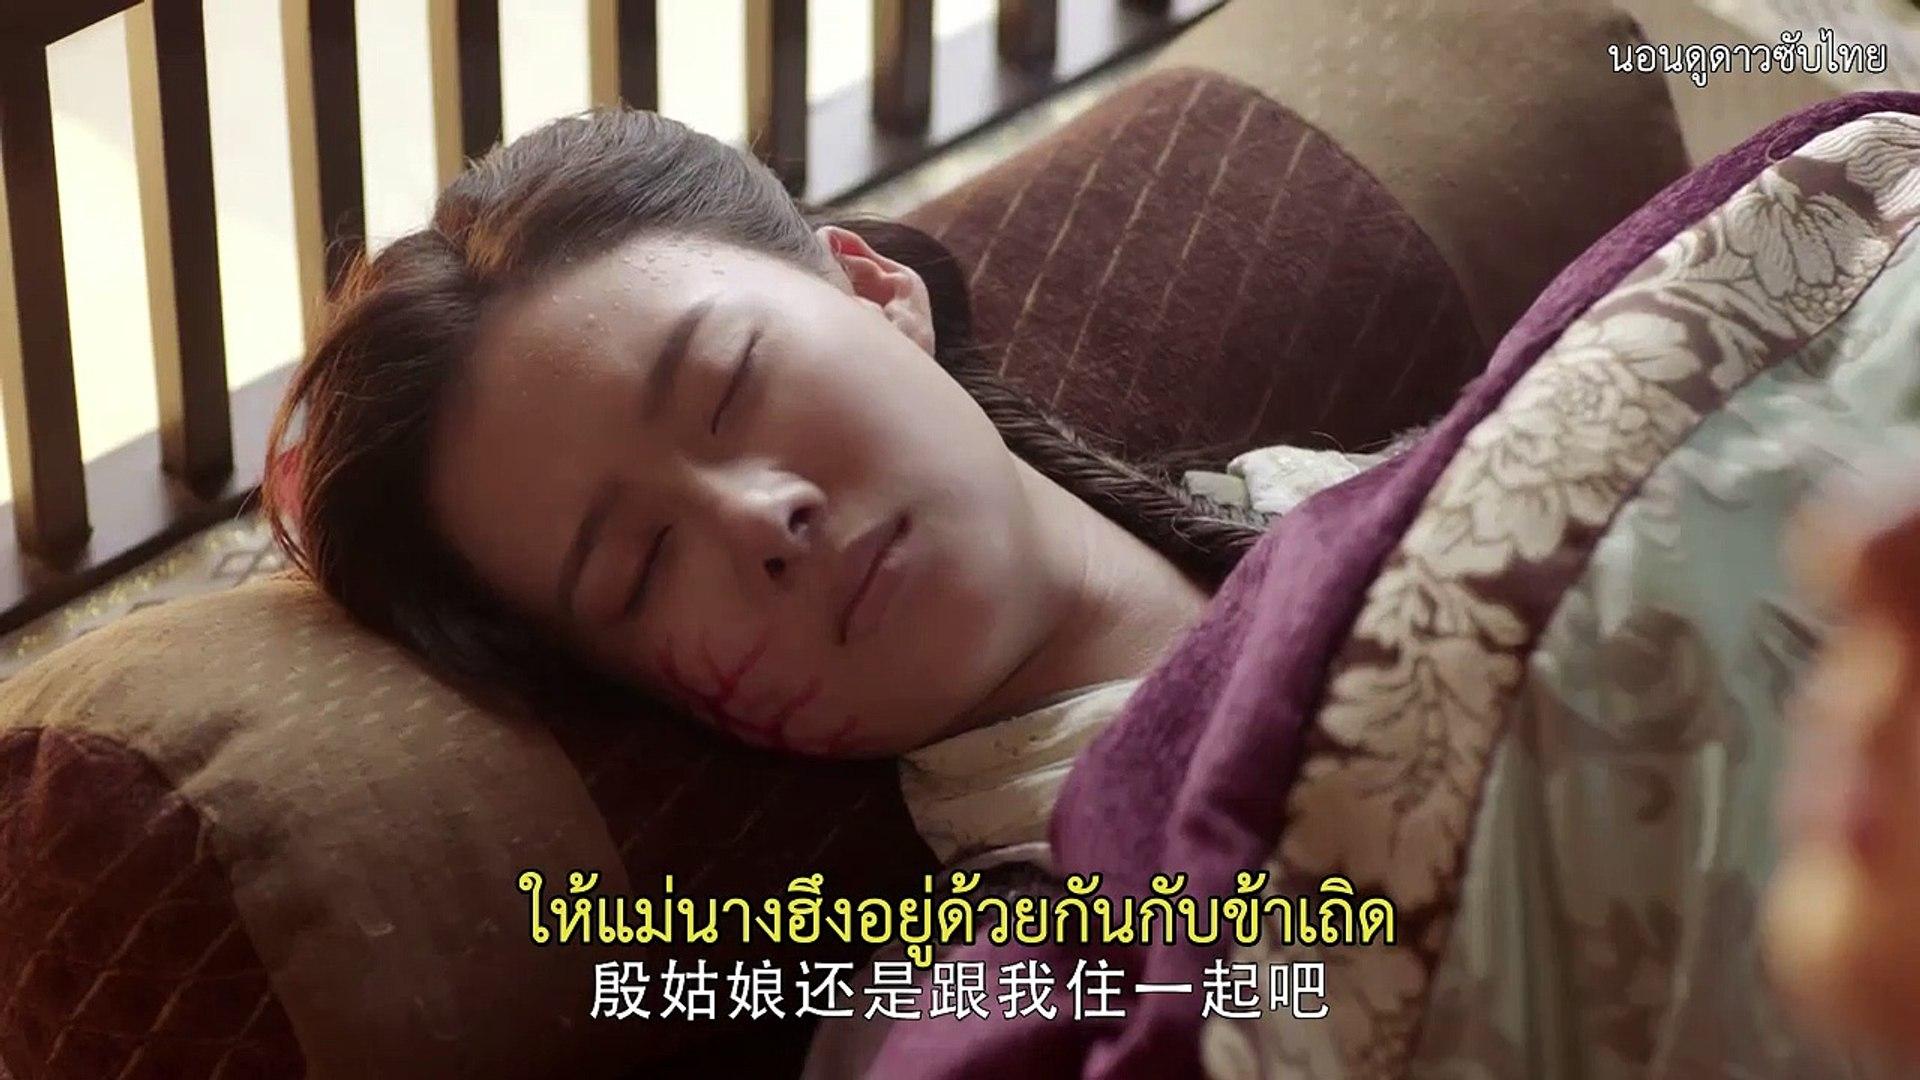 ดาบมังกรหยก2019 ซับไทย ตอนที่ 36